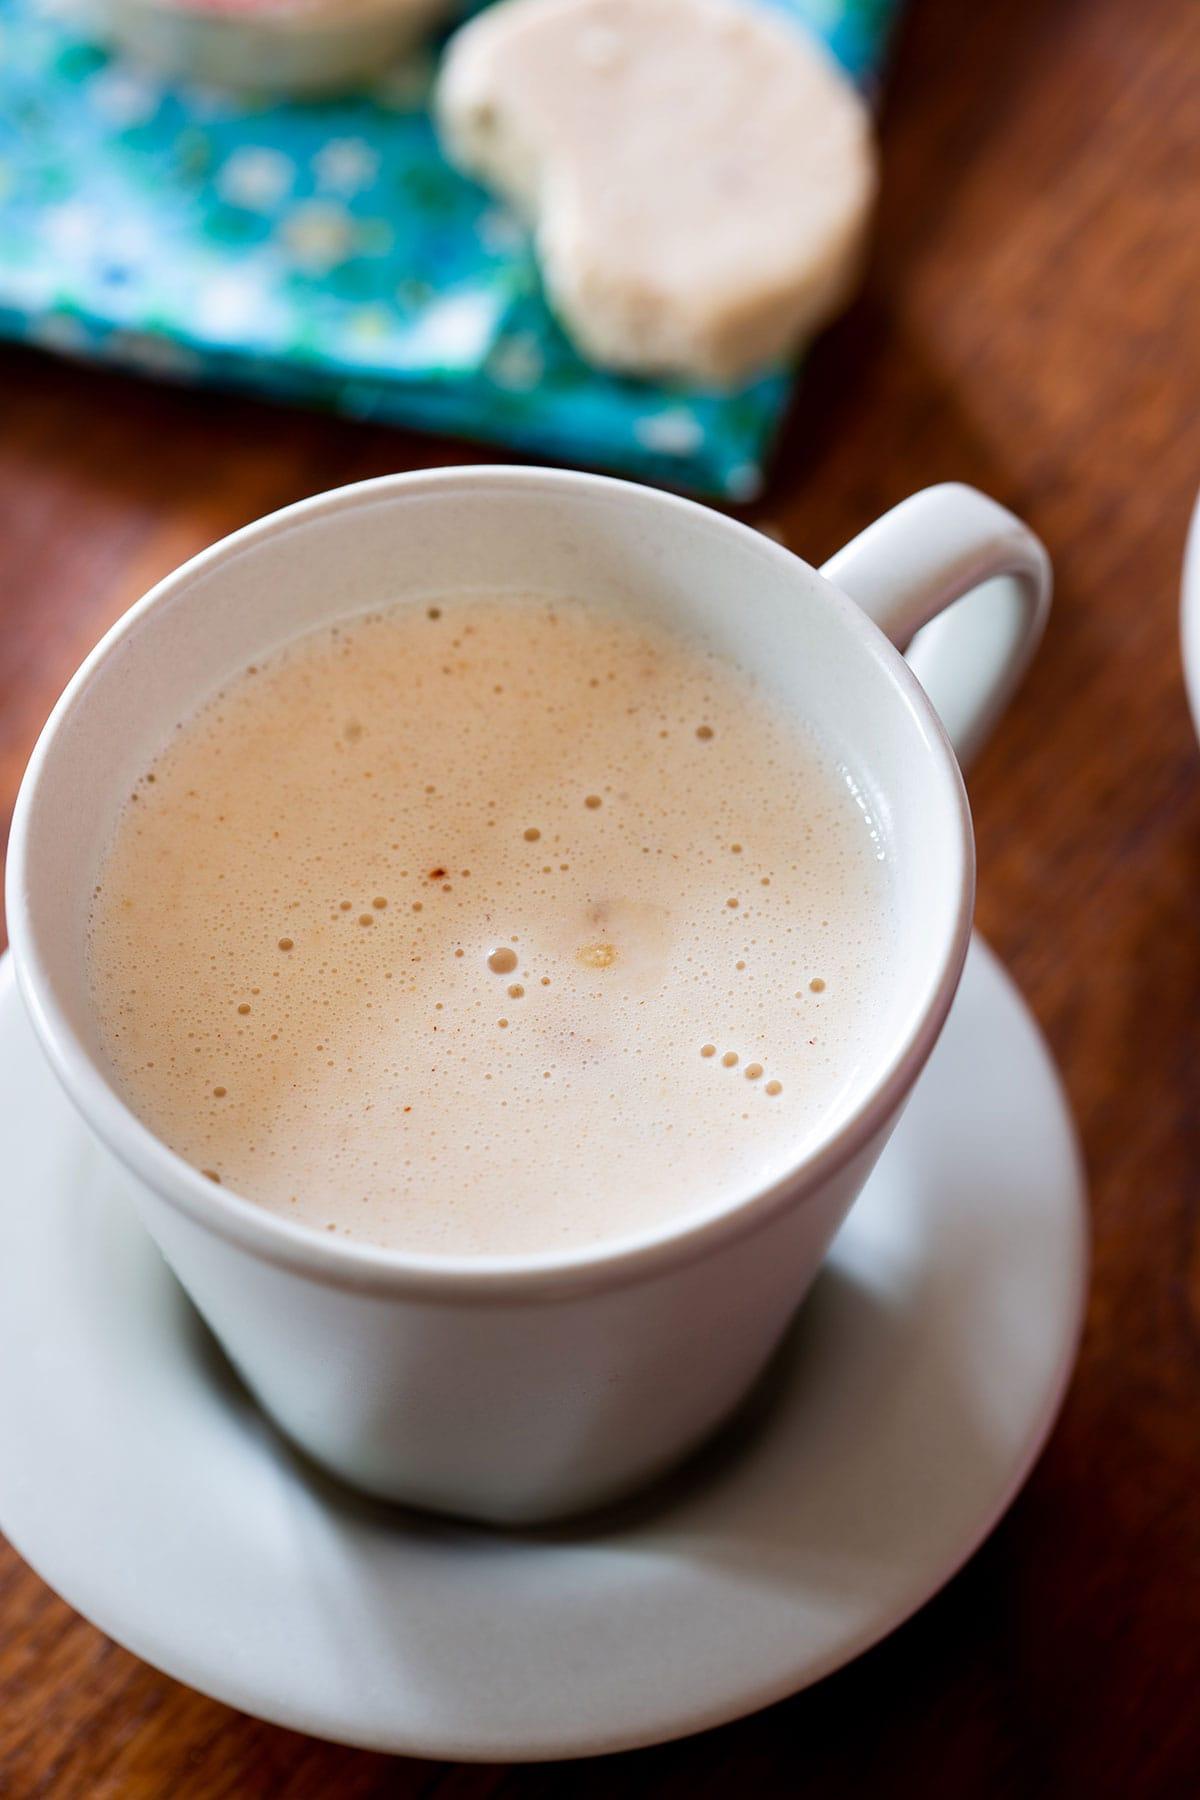 Atole de mazapan in a cup.